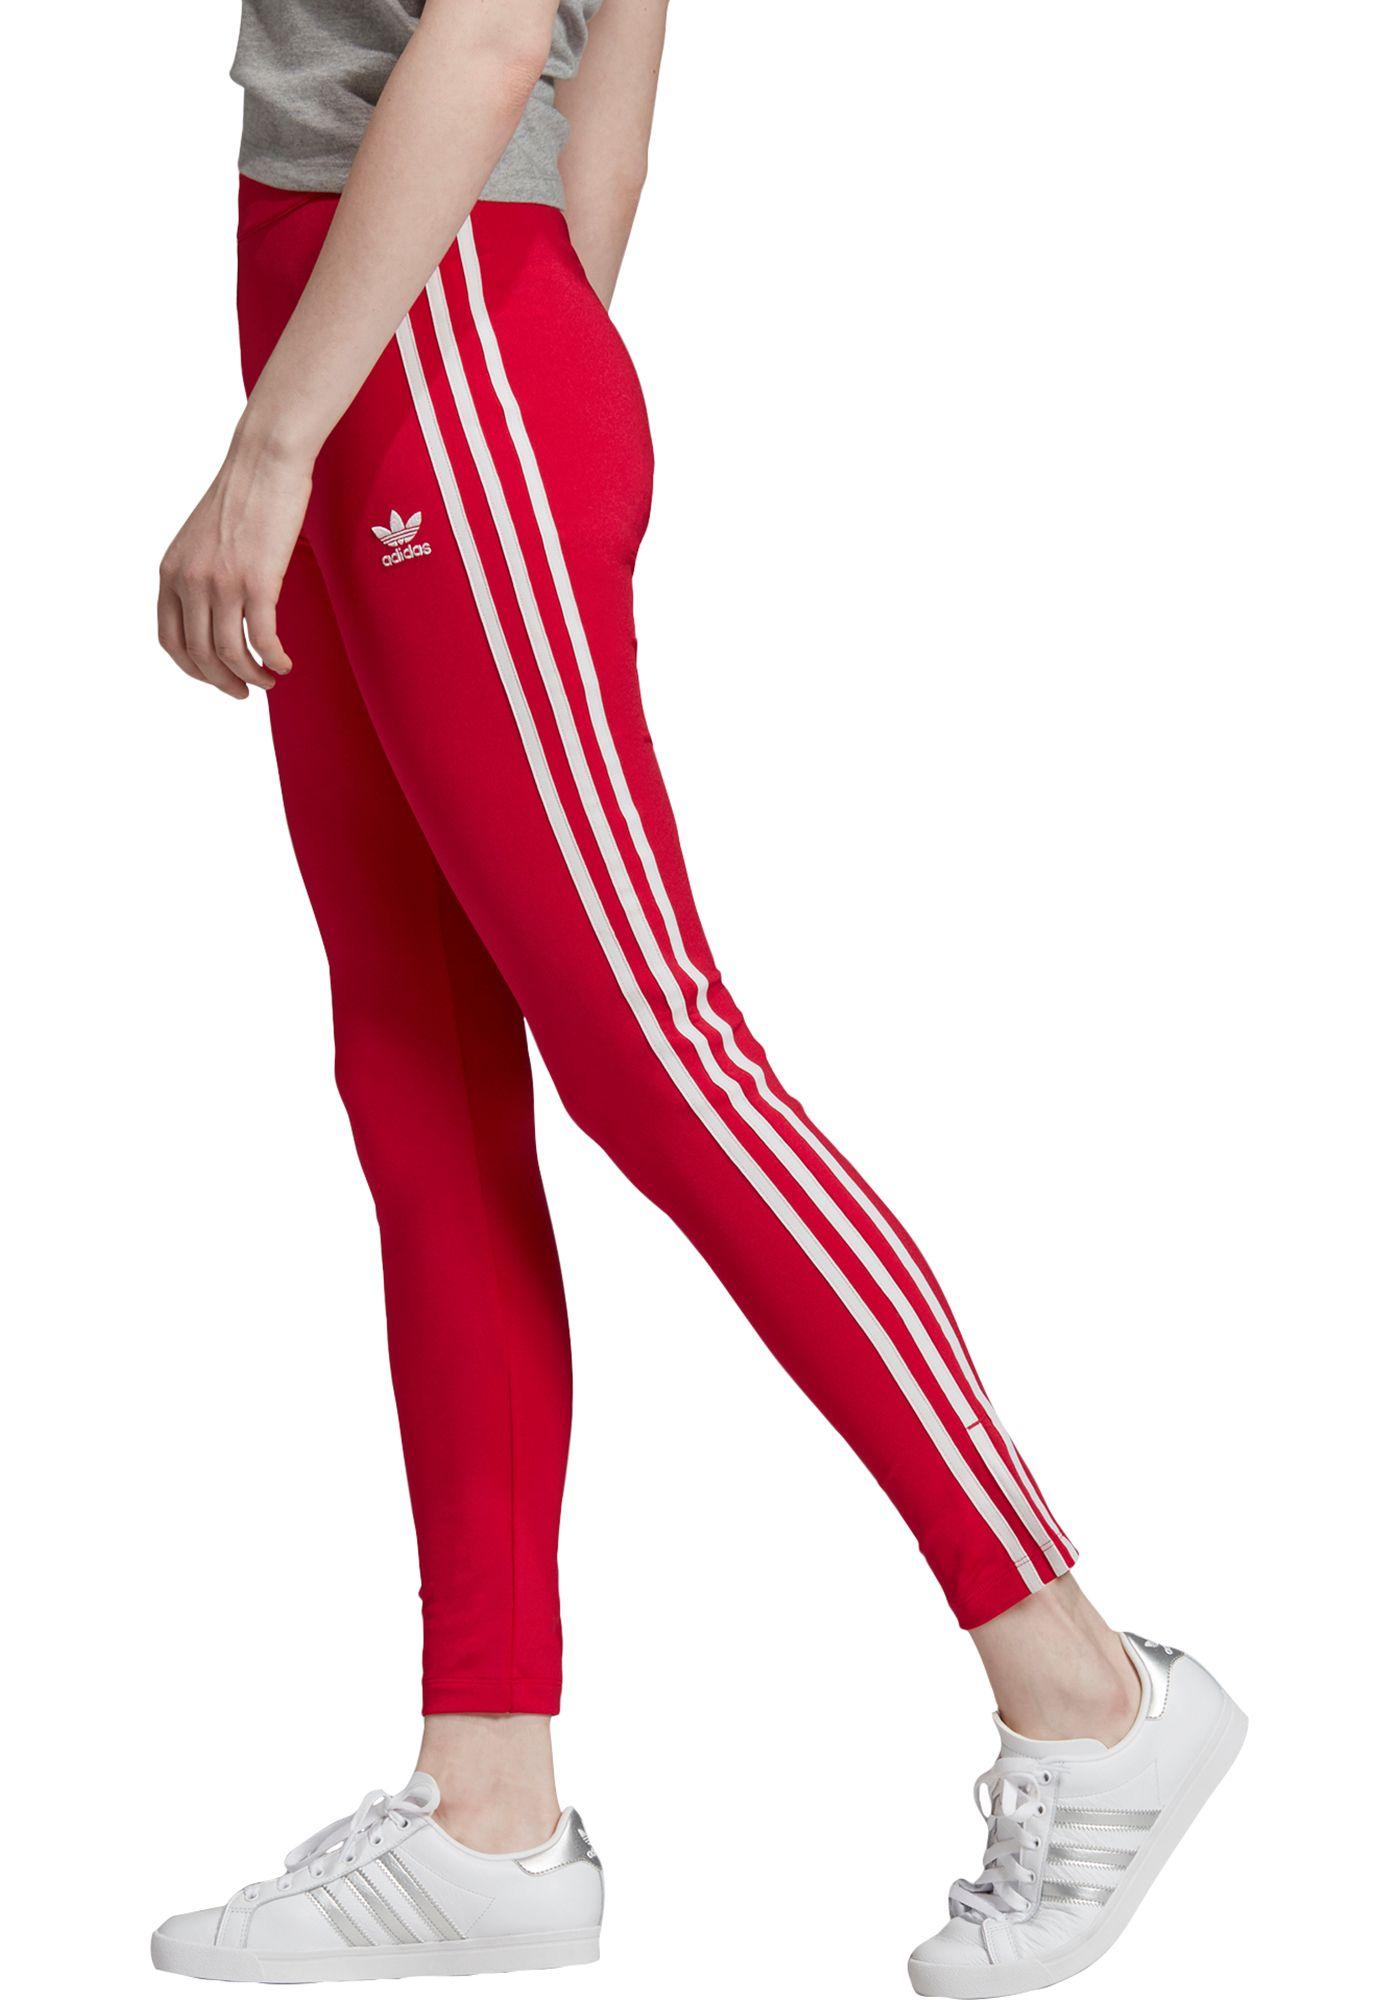 adidas Originals Women's Bellista 3-Stripe Leggings